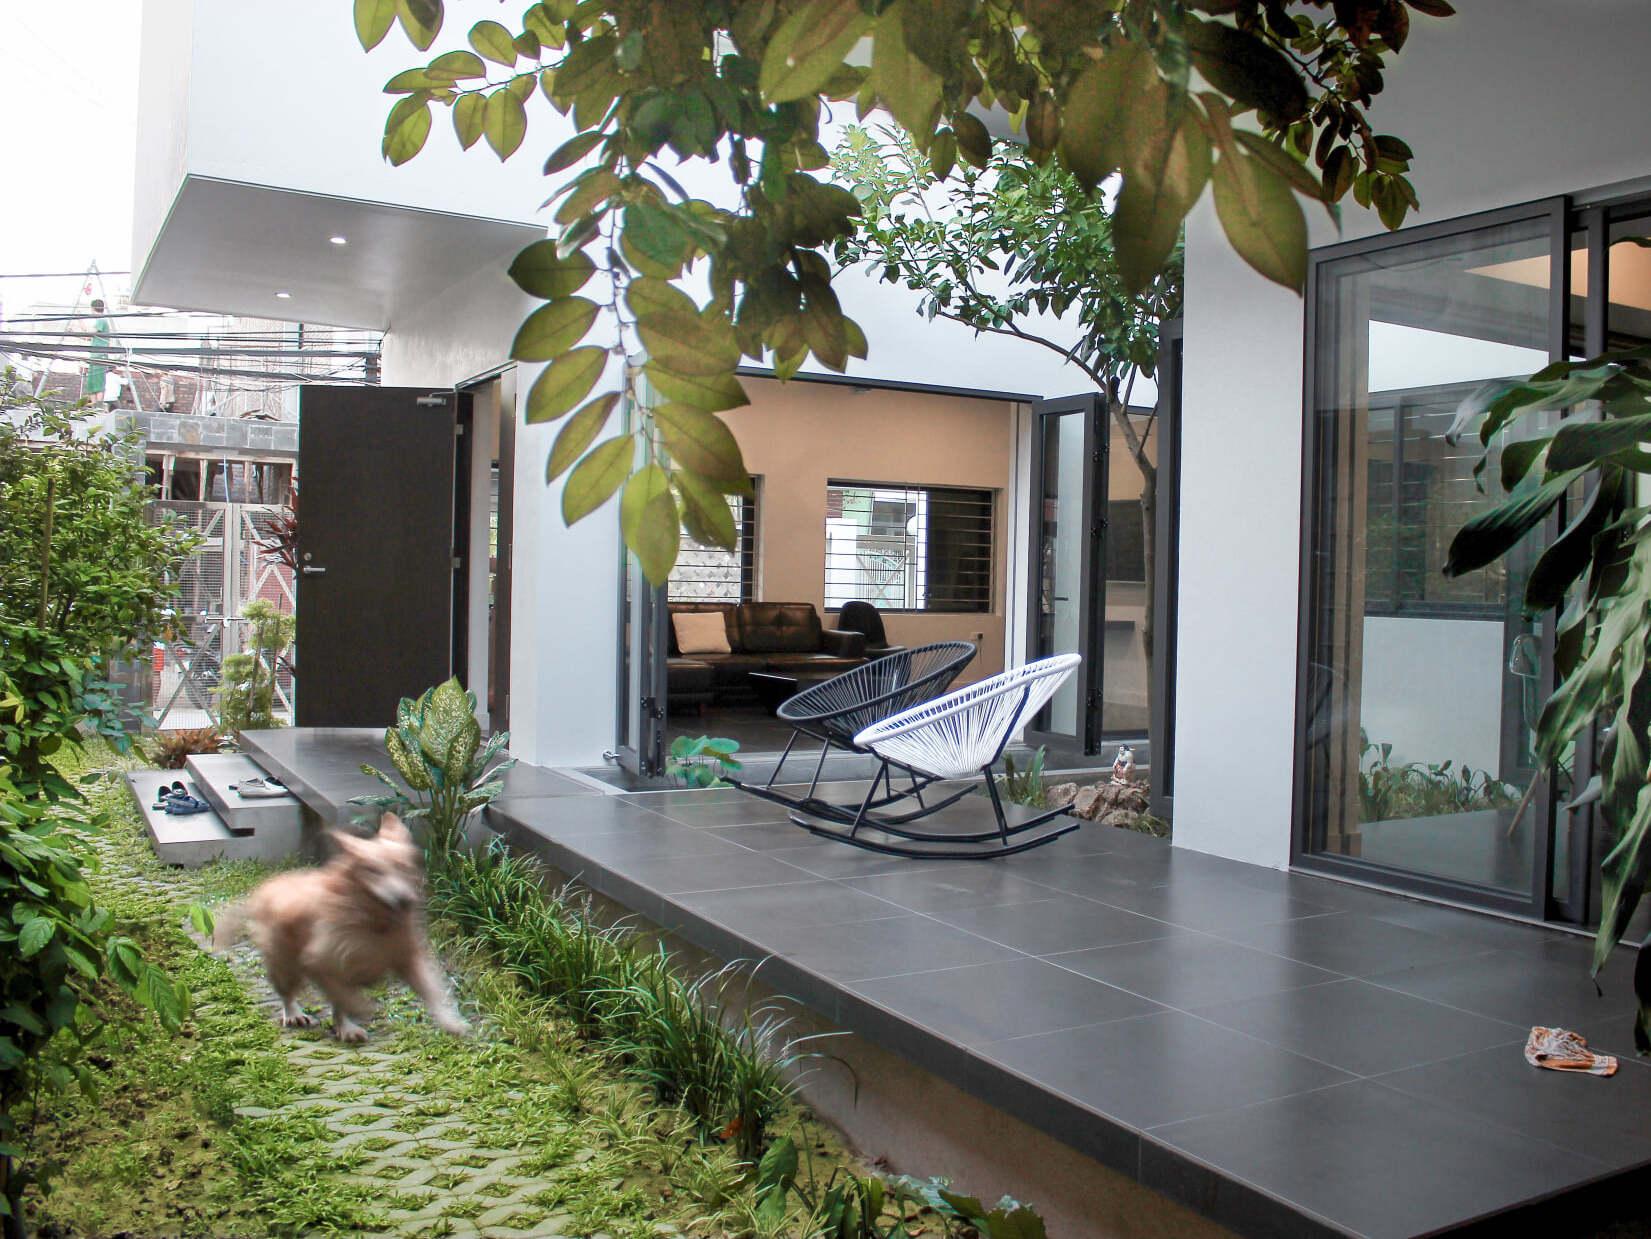 Mãn nhãn với 'khu vườn bí mật' biến nhà phố bí bách ngập tràn ánh nắng và cây xanh, ai cũng ao ước có được